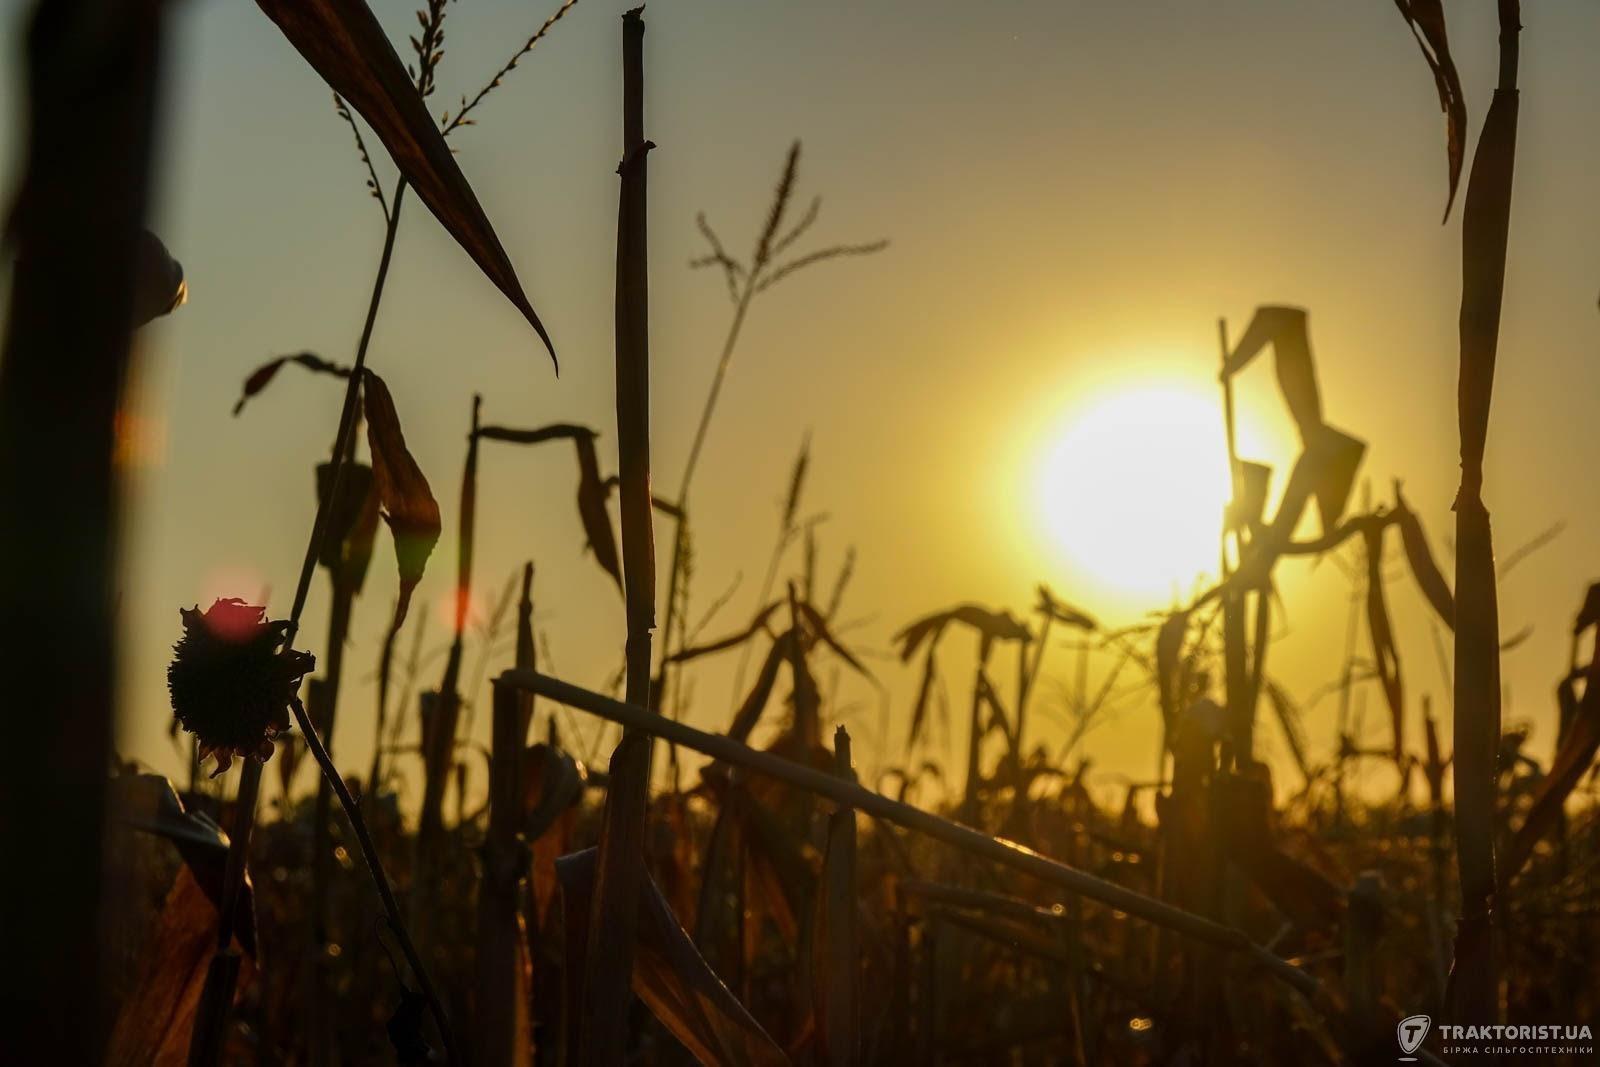 Кукурудза на заході сонця